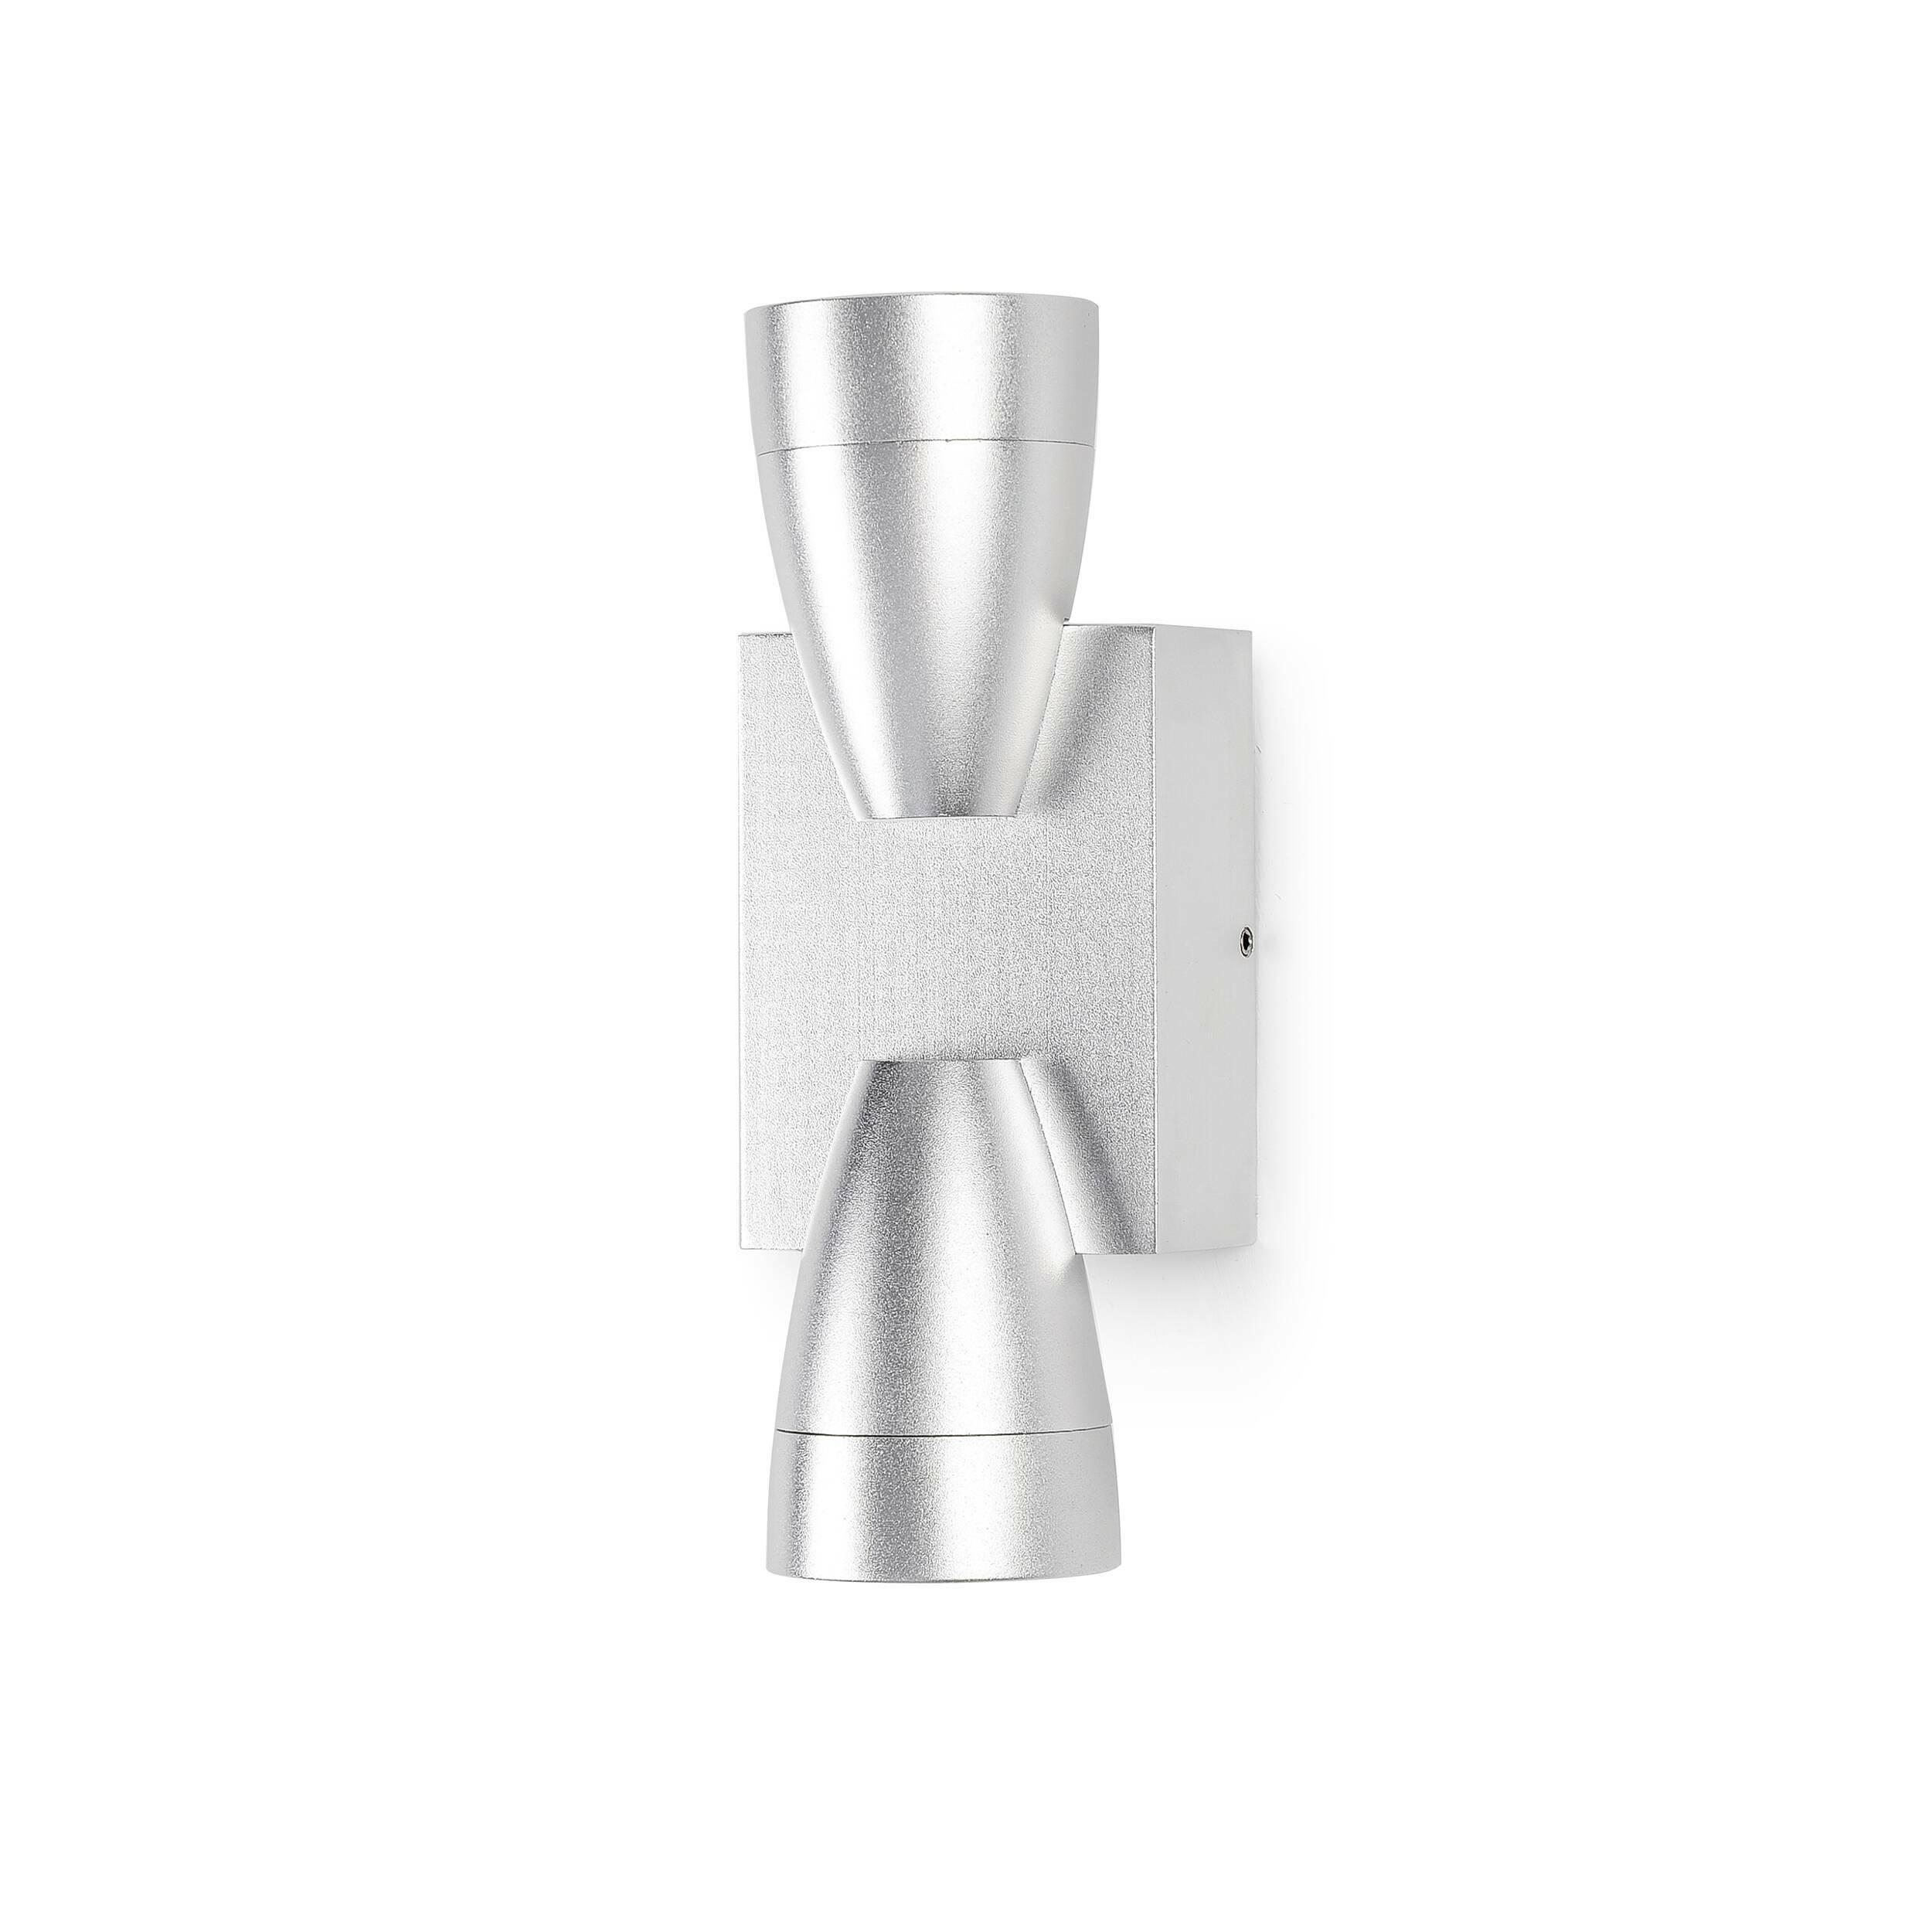 Настенный светильник HourglassНастенные<br>Настенный светильник Hourglass напоминает своей формой песочные часы, откуда и берет свое название.<br><br><br><br> Оригинальный подход к освещению помещения создает настенный светильник Hourglass, он выпускает два луча света одновременно, направленные вверх и в низ соответственно. Это задает сама форма светильника, удачно реализованная в точной копии песочных часов. <br><br><br> Оригинальная деталь декора дарит четкий и ясный свет, прекрасно подойдет для прихожей, для небольшого ресторанчика. Сочетат...<br><br>stock: 20<br>Высота: 55,5<br>Ширина: 16<br>Диаметр: 6<br>Количество ламп: 6<br>Материал абажура: Алюминий<br>Мощность лампы: 1<br>Ламп в комплекте: Нет<br>Напряжение: 220<br>Тип лампы/цоколь: CREE LED<br>Цвет абажура: Серебряный